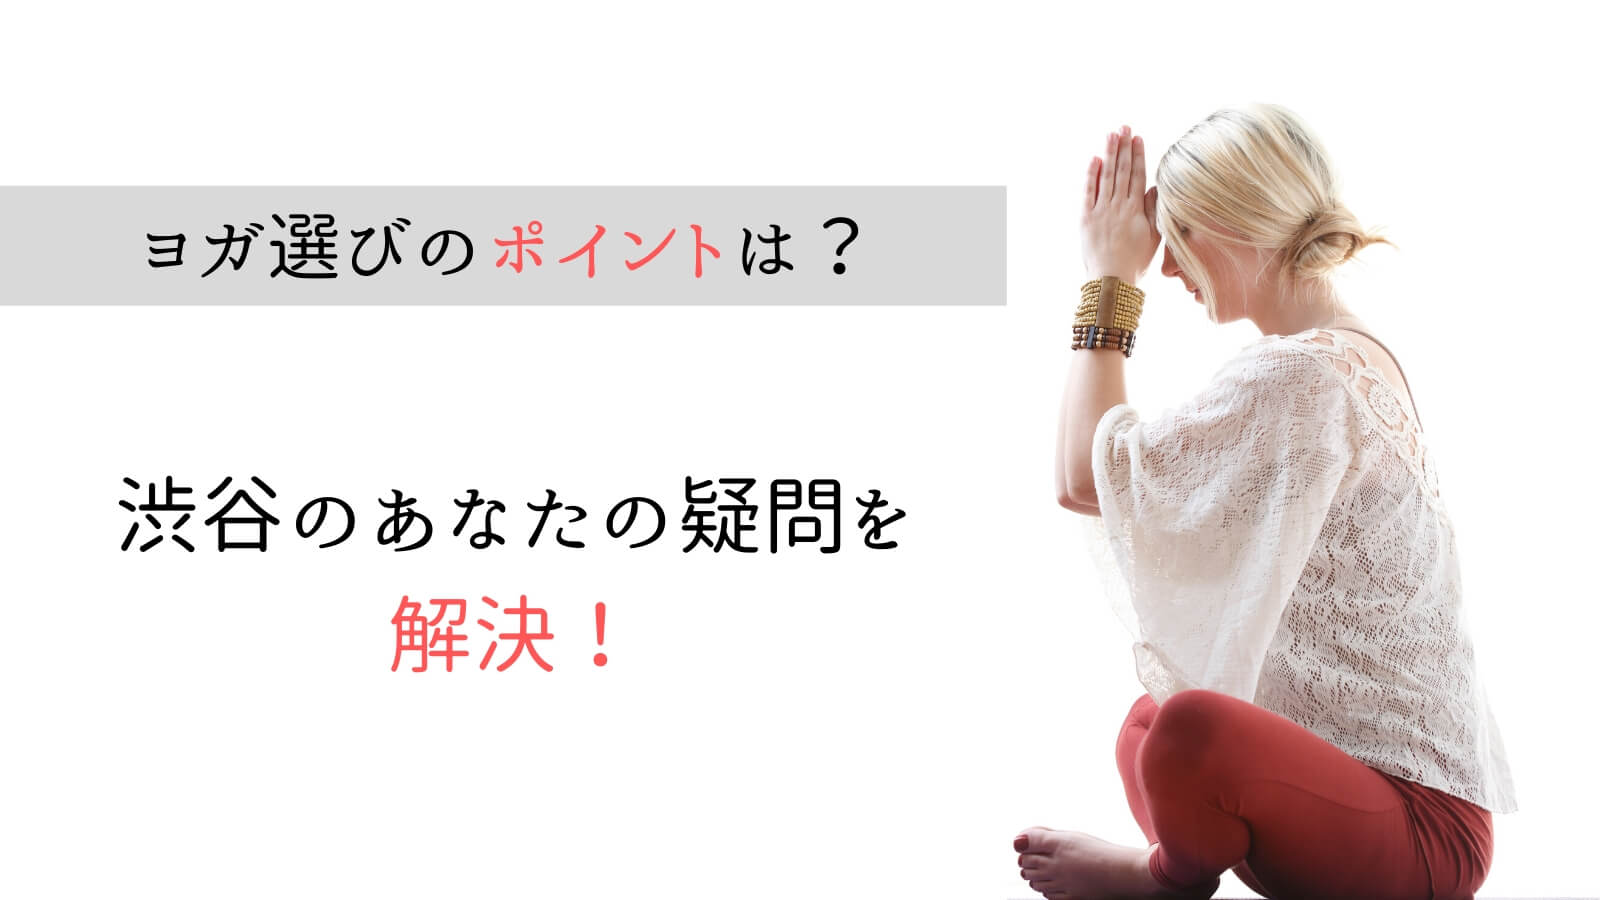 渋谷でのヨガ・ピラティススタジオ選びに関するQ&A